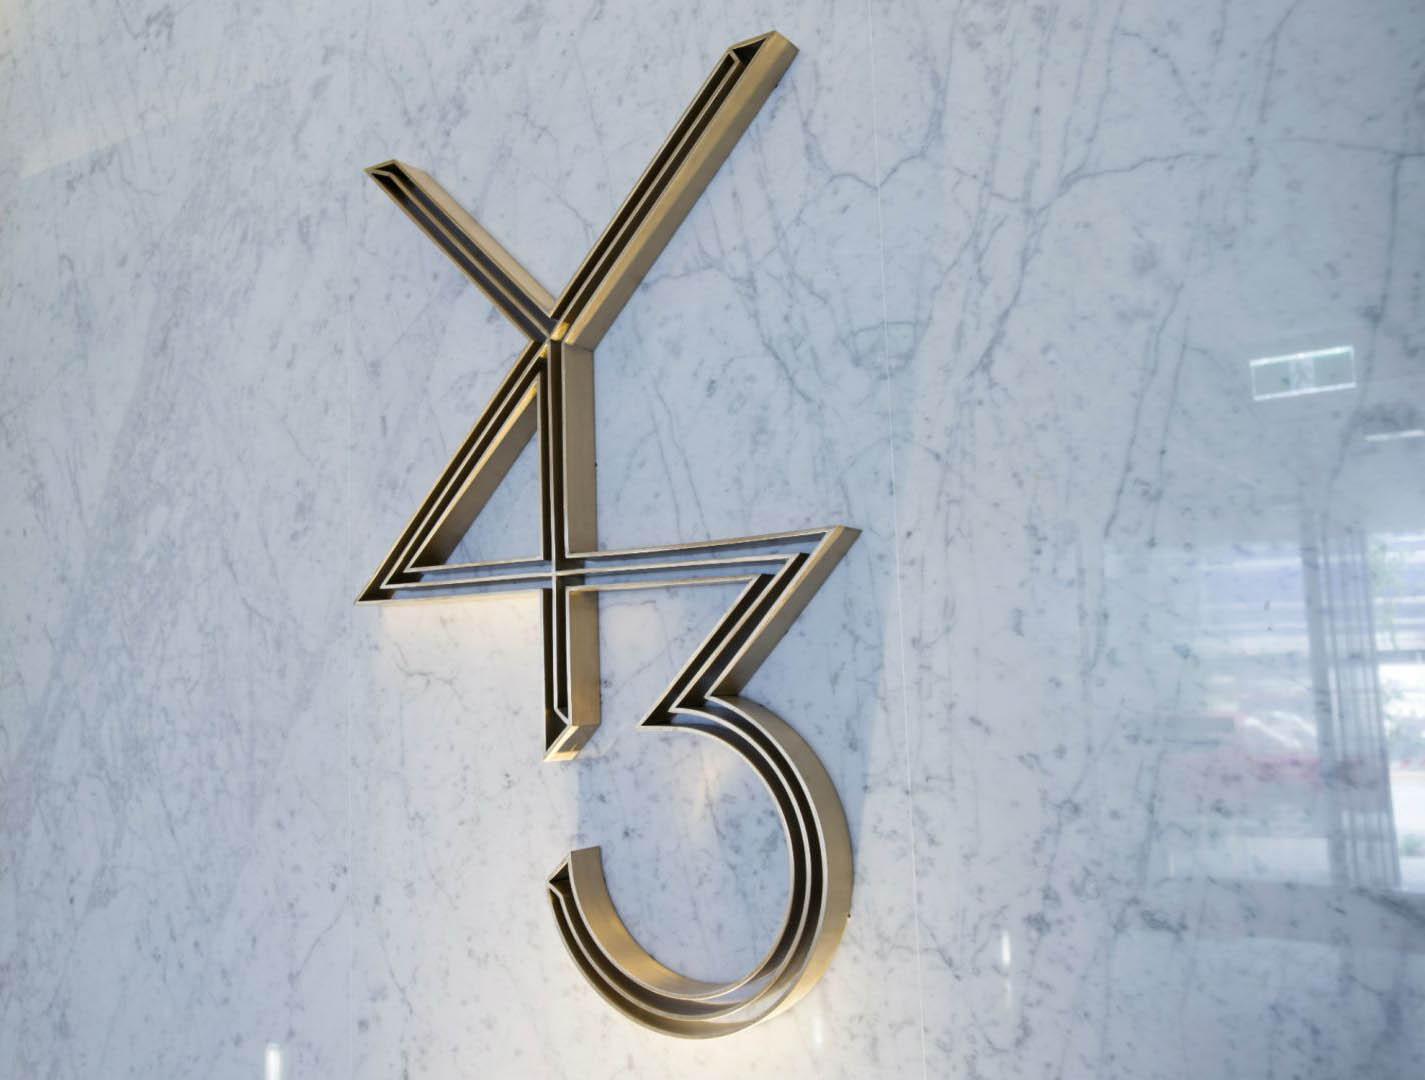 y43_2.jpg